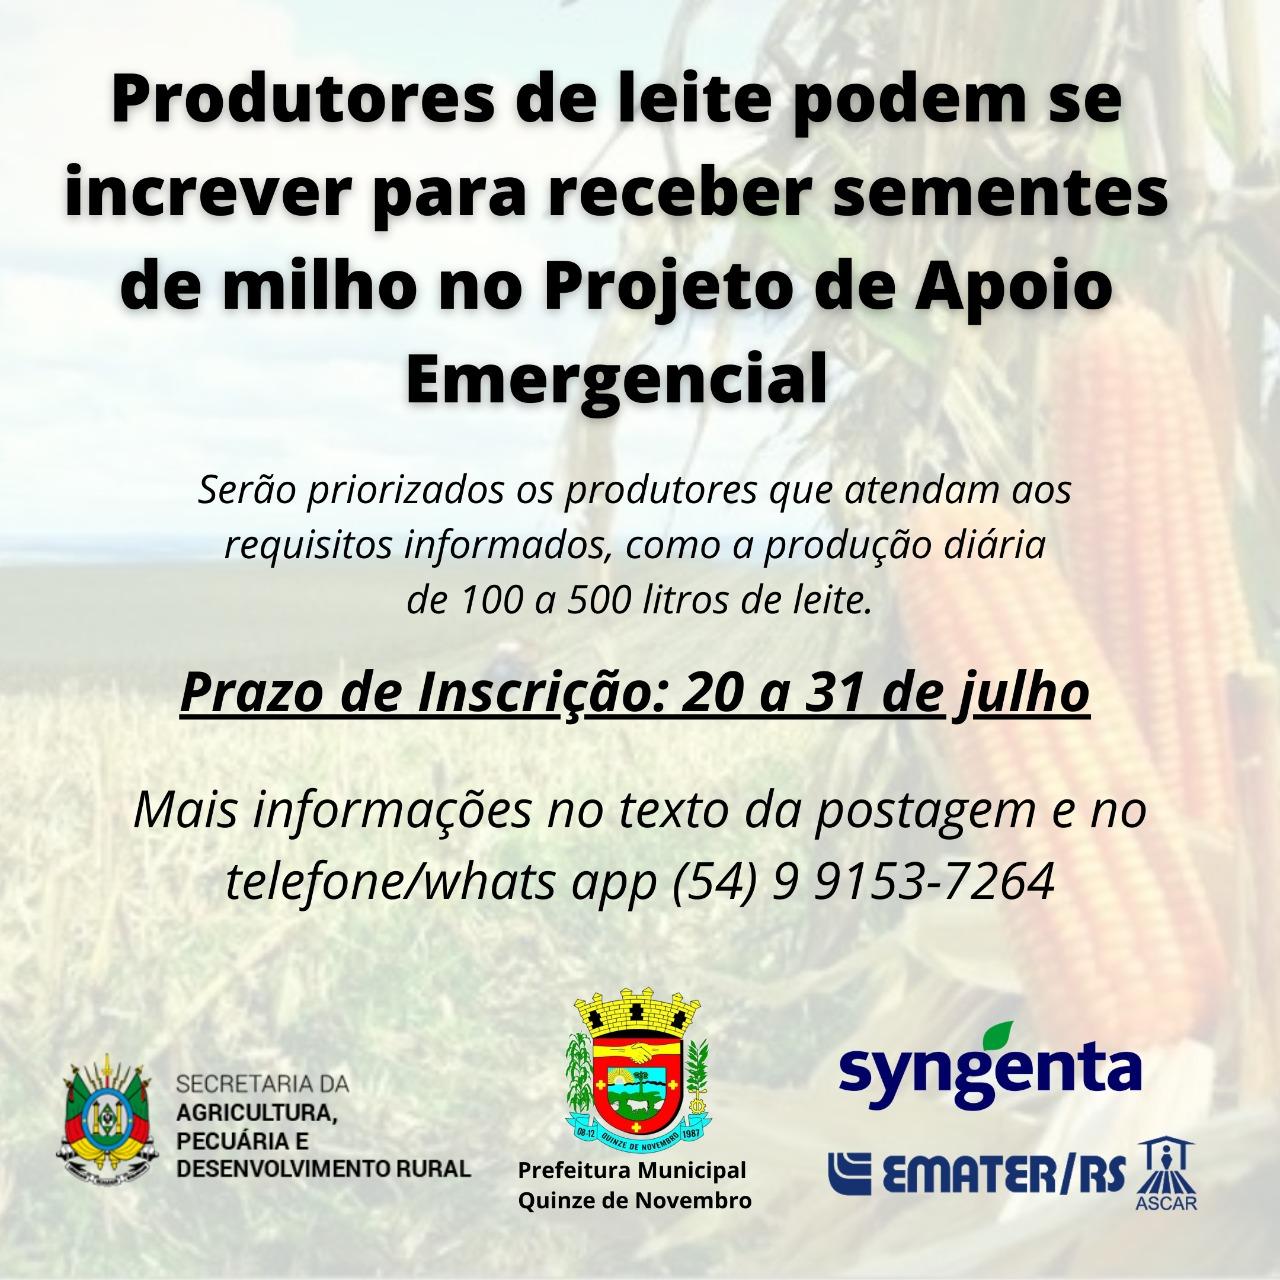 Produtores de leite de XV de Novembropodem se inscrever para receber sementes de milho no Projeto de Apoio Emergencial